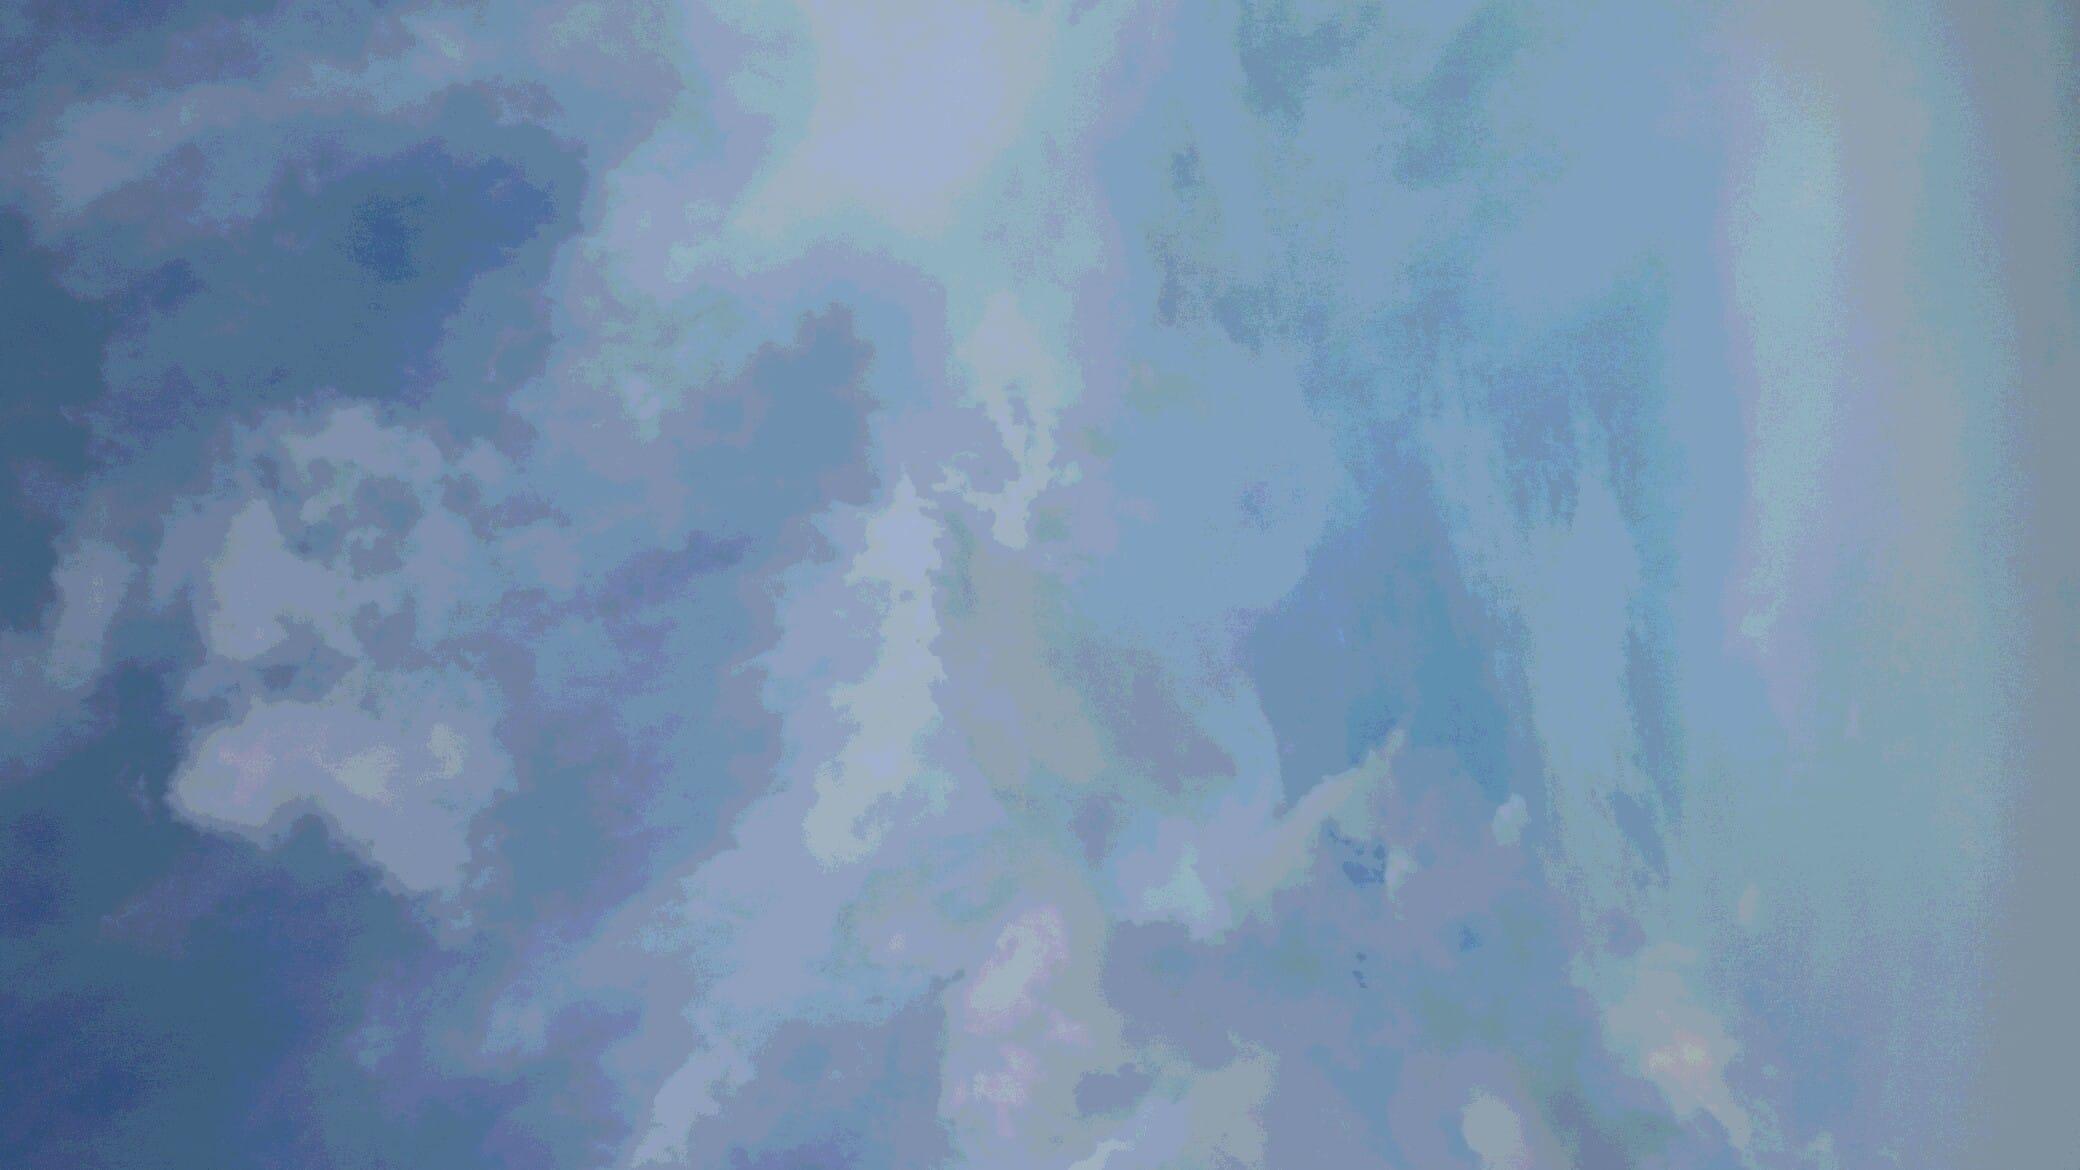 「☆皆様へ☆」01/01(月) 23:36 | 平野詩織の写メ・風俗動画